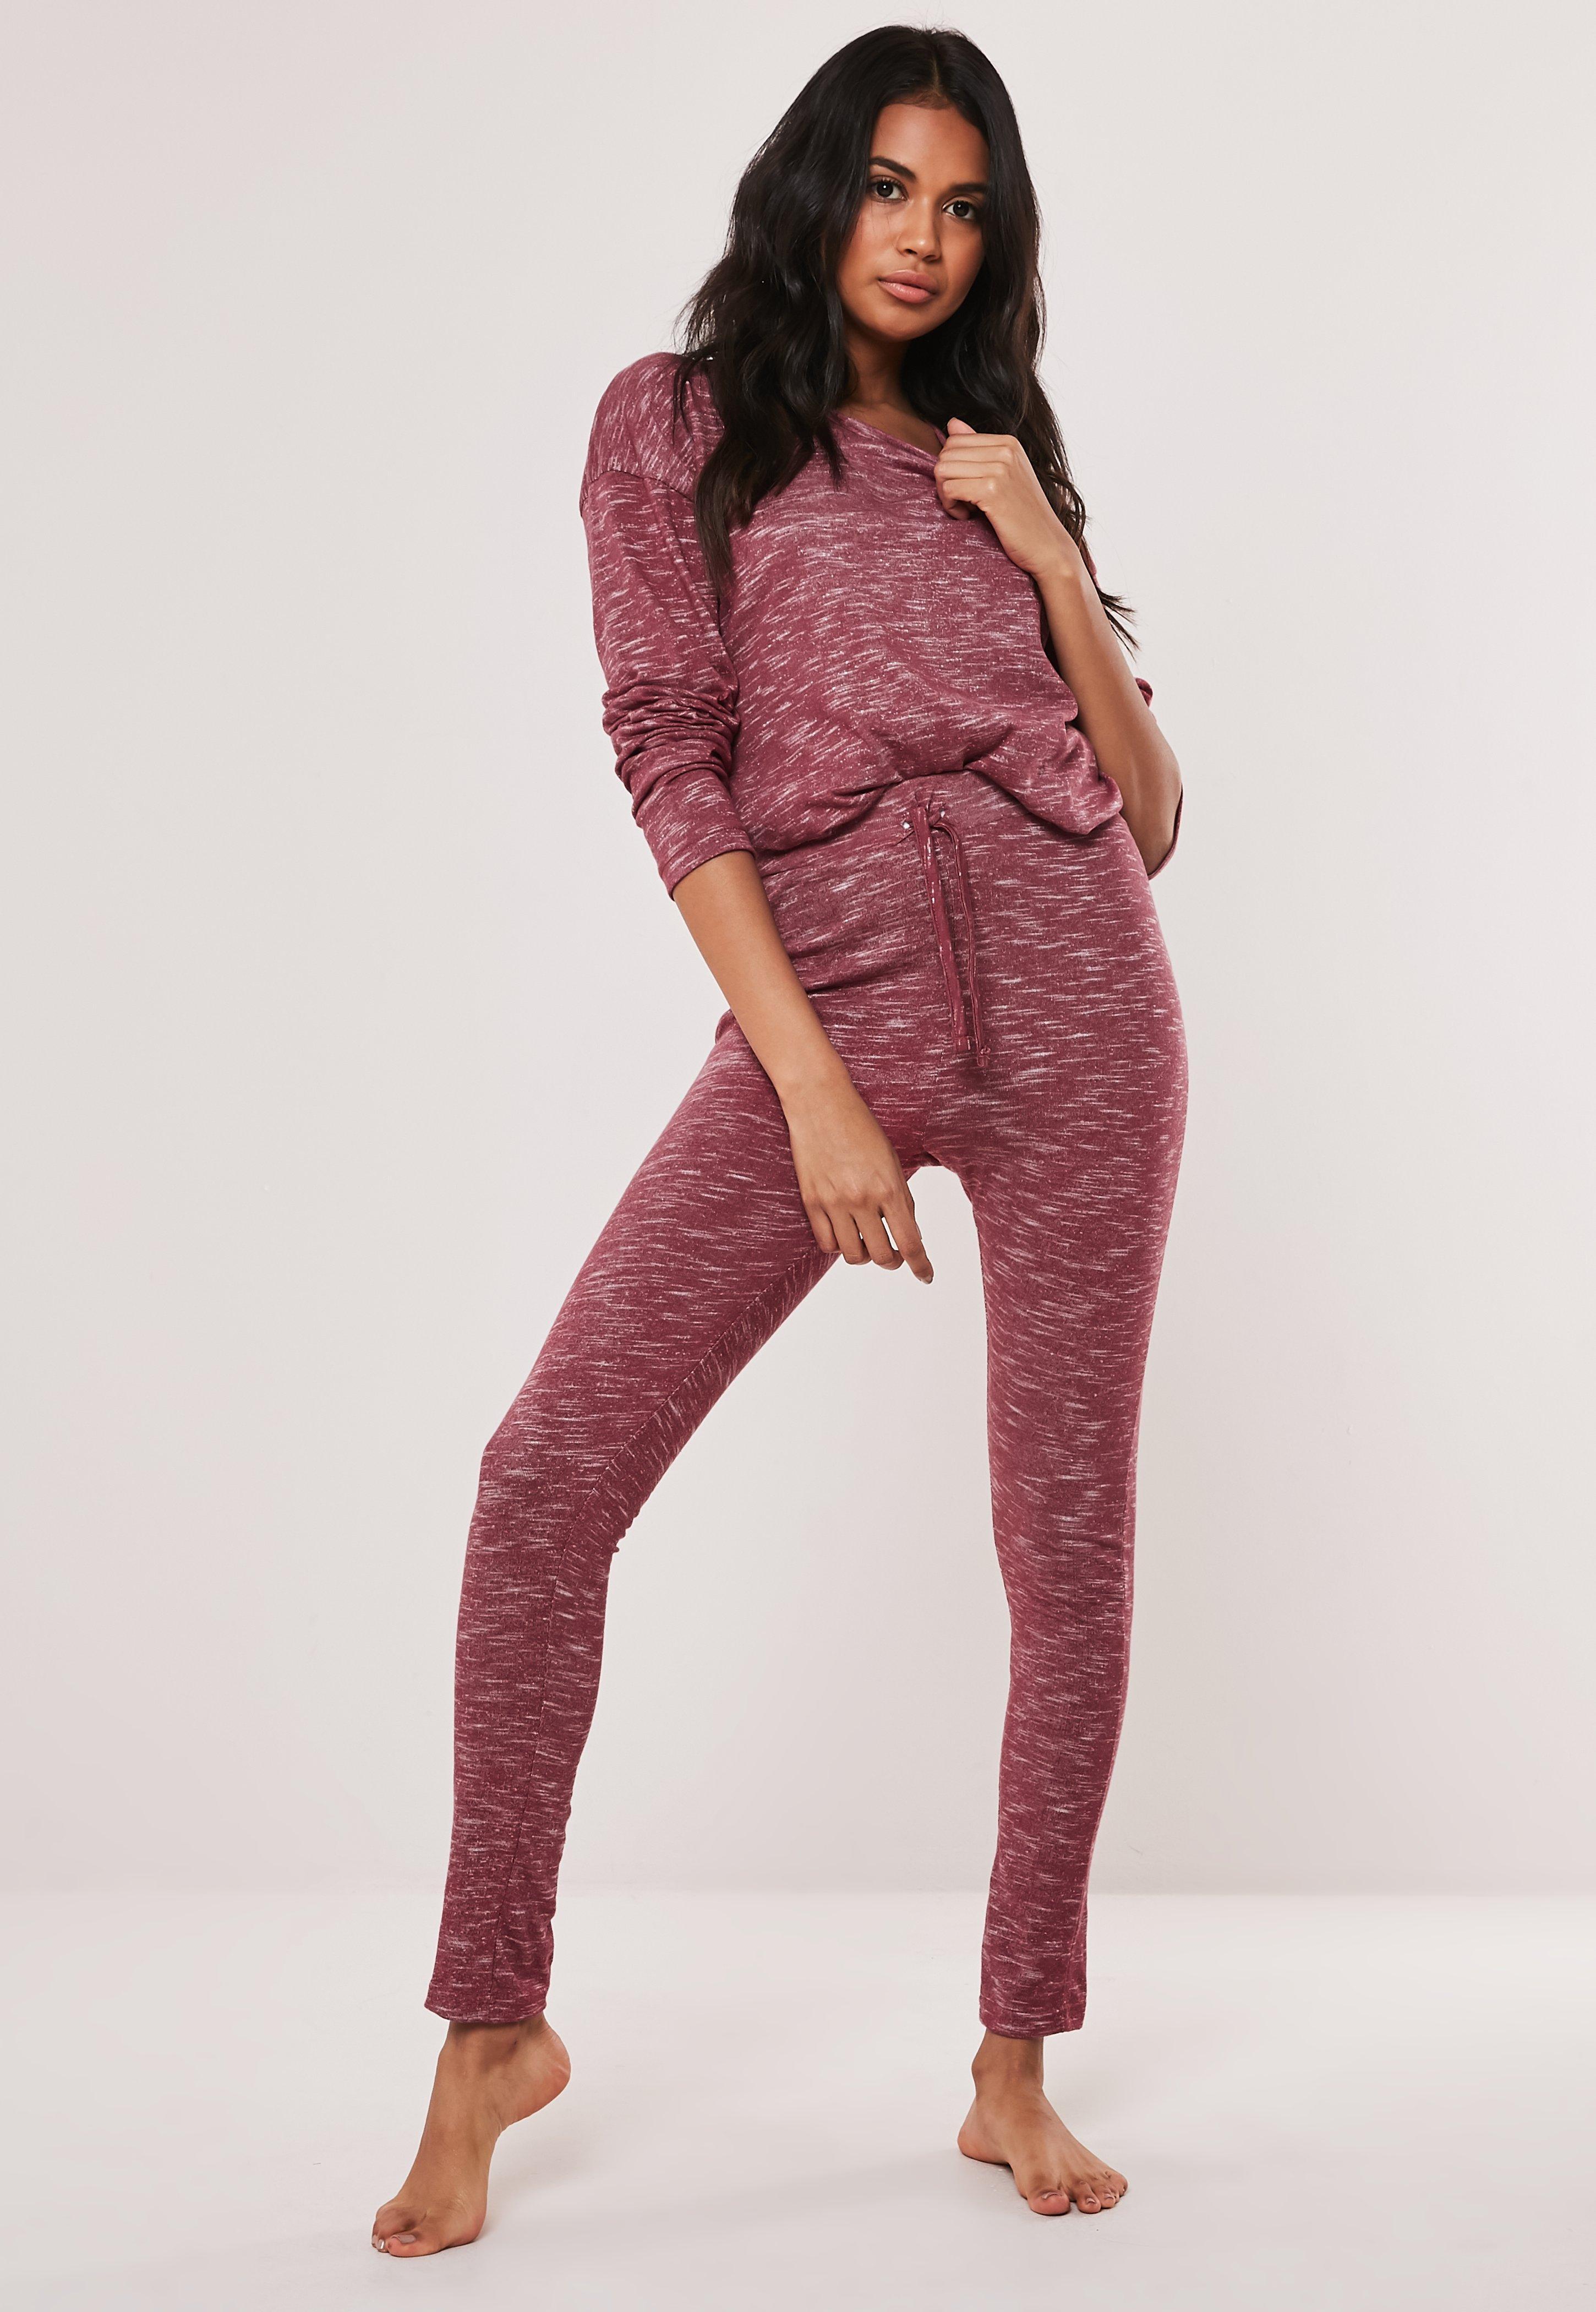 ac847e5e7e Rose Soft Knit Long Sleeve Loungewear Tracksuit